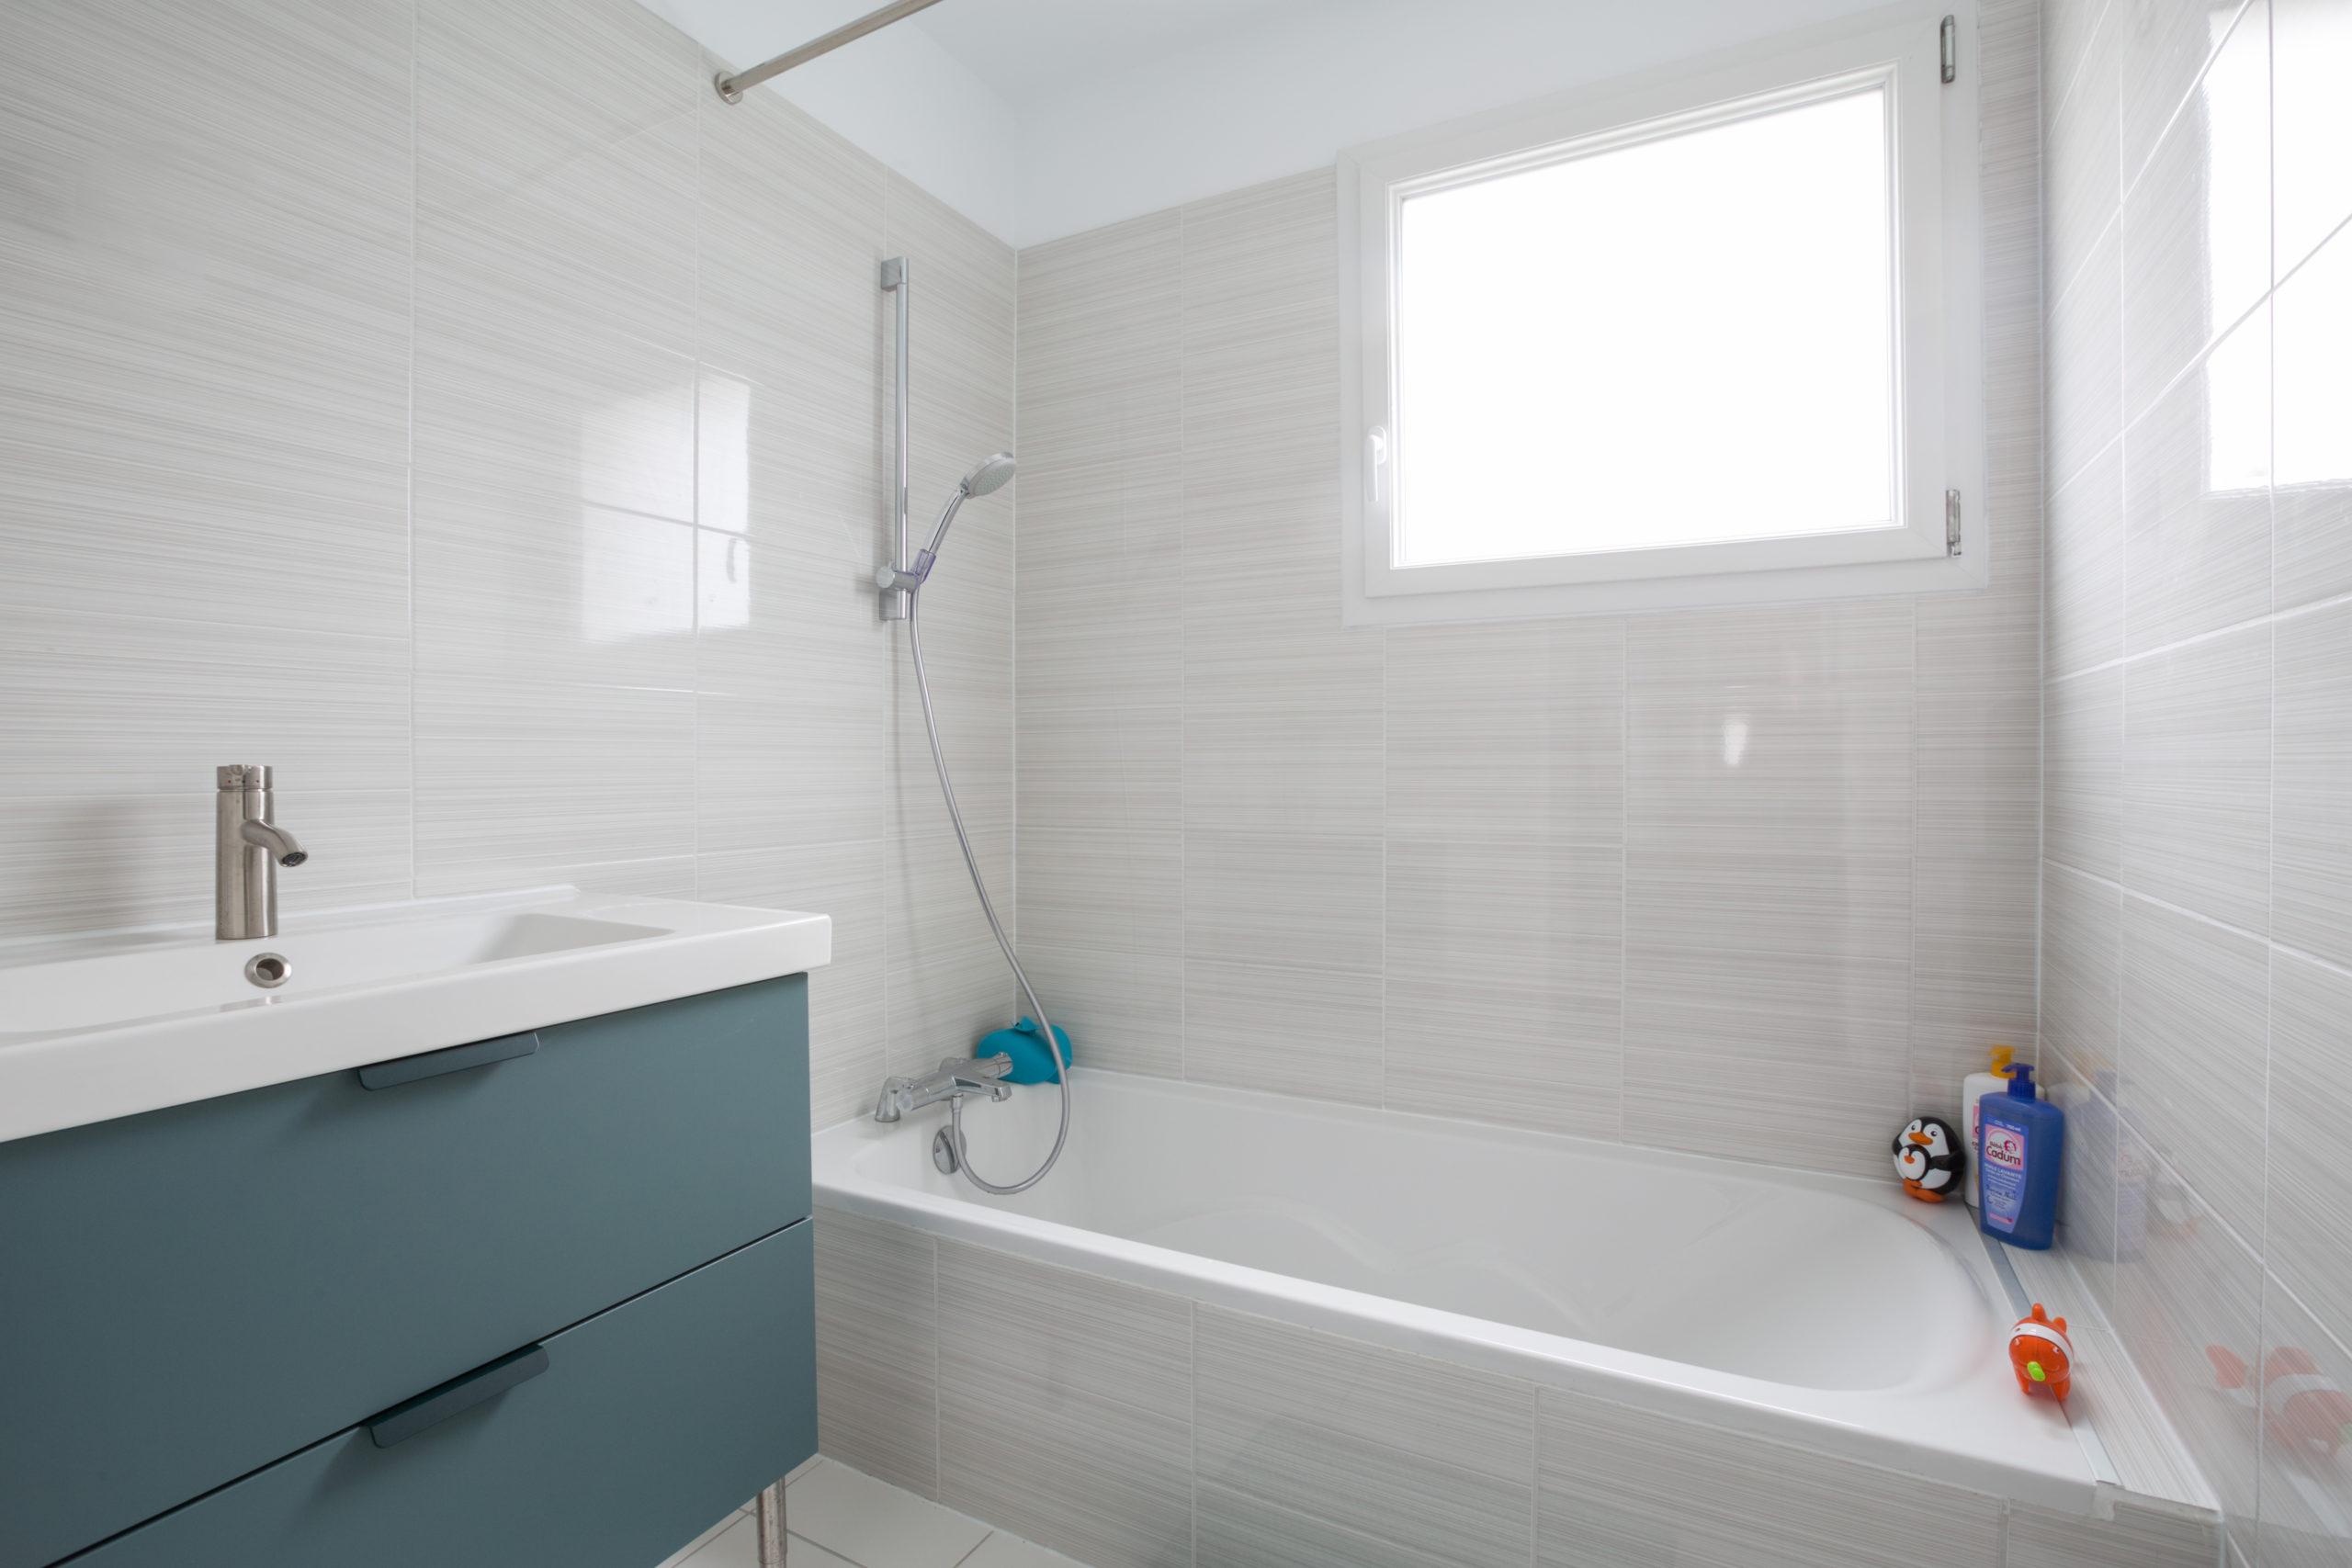 Atelier Plurielles Architectures - Maison Basque à Briscous - salle de bain